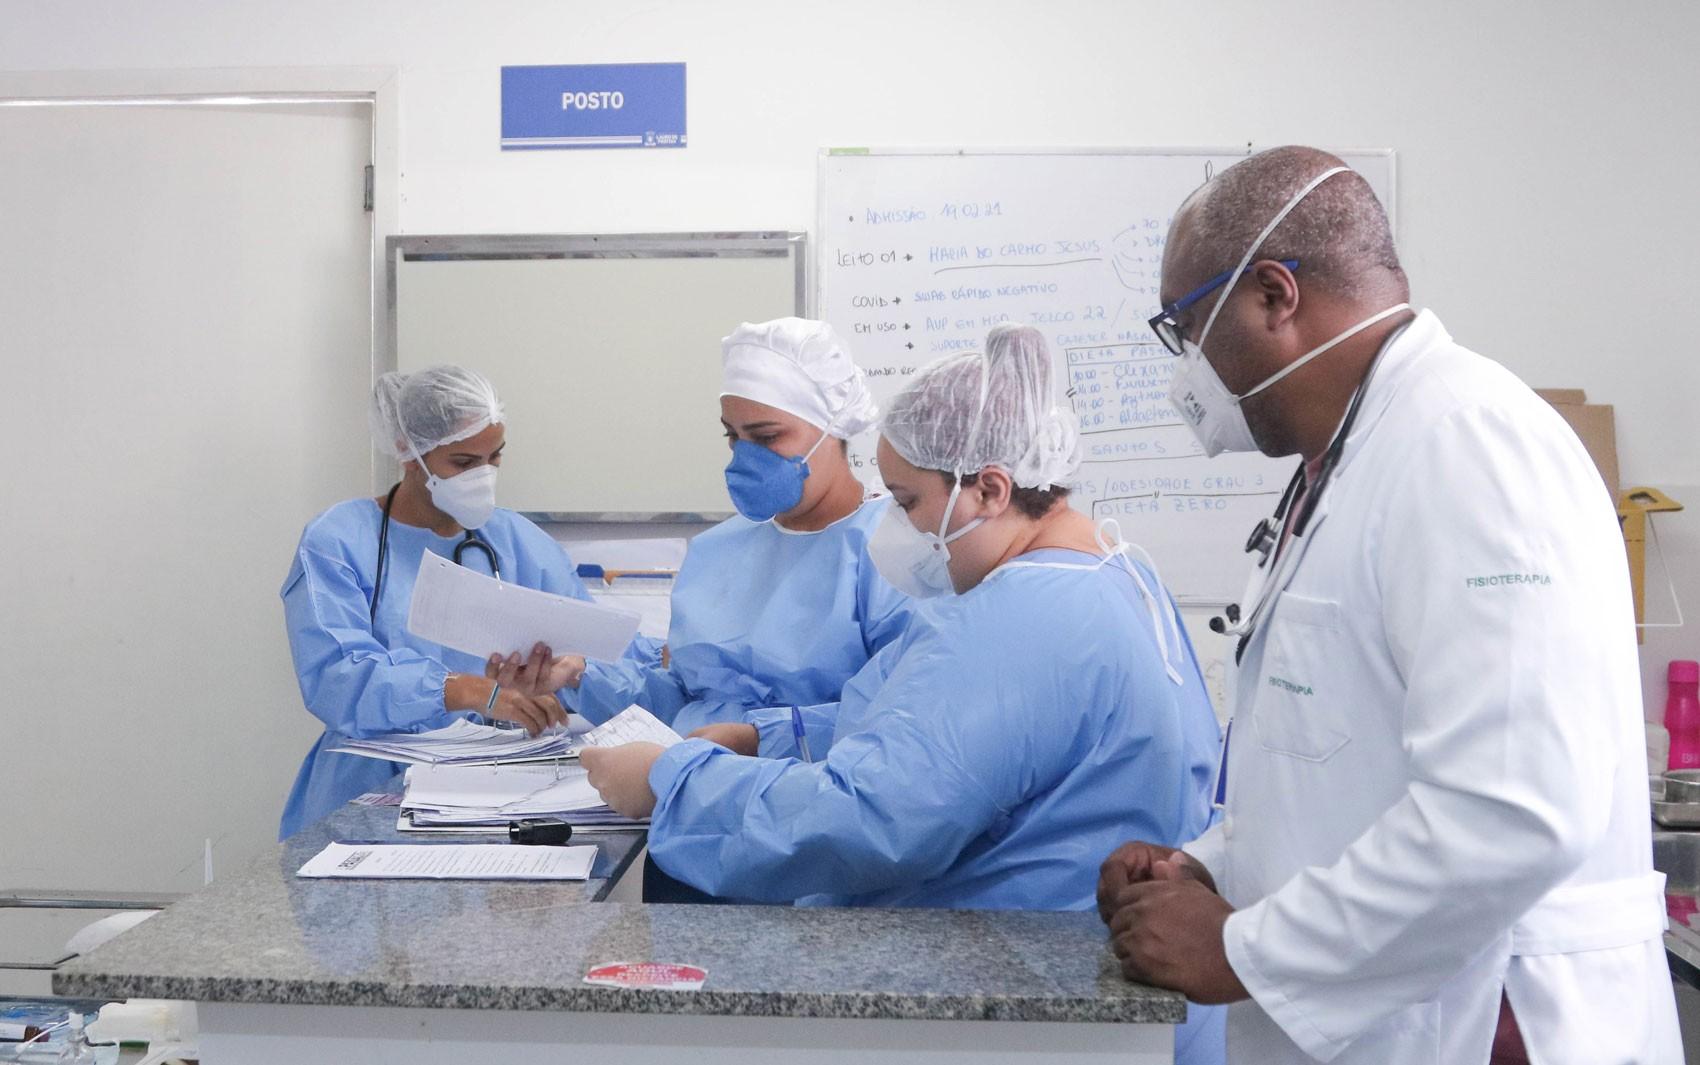 Bahia tem 627 novos casos de Covid-19 em 24h e contabiliza mais 9 mortes; é o menor número de óbitos desde maio de 2020